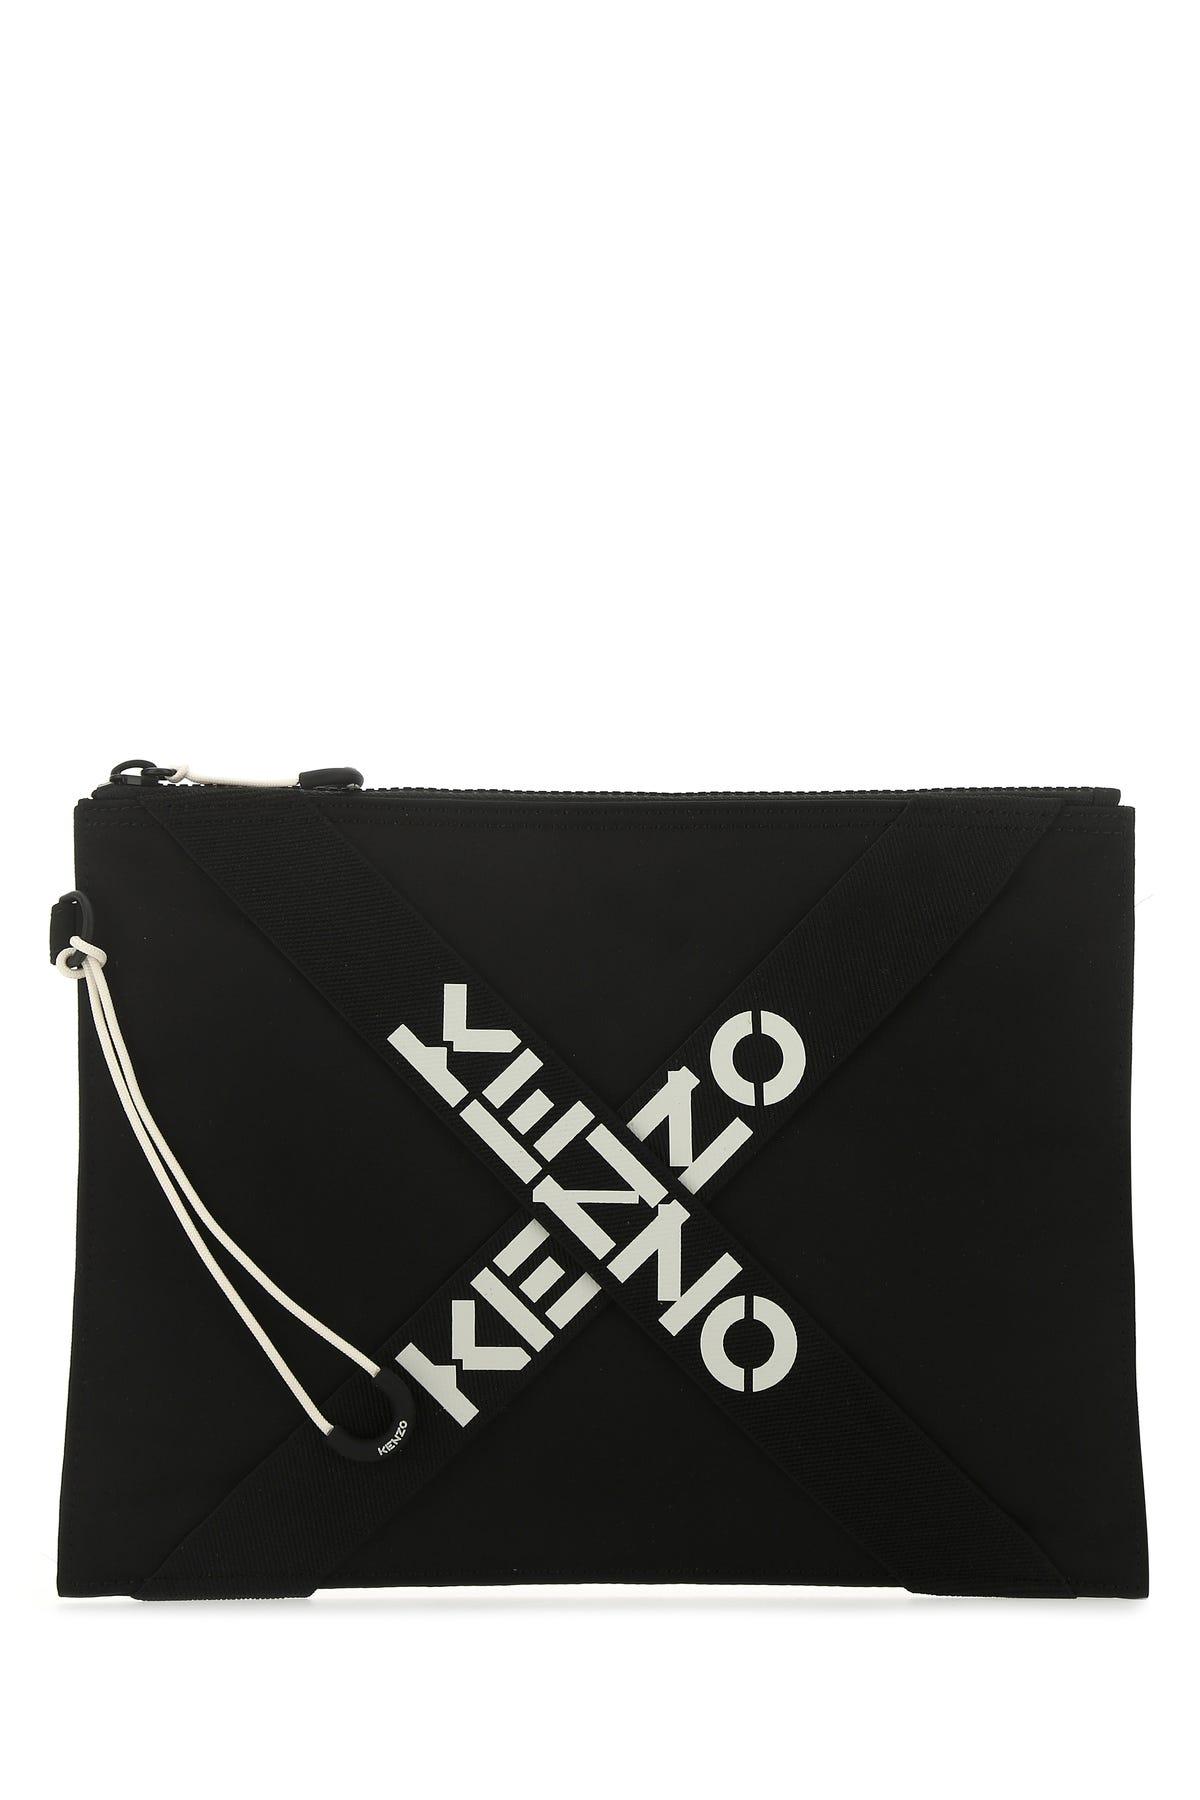 Kenzo CLUTCH-TU